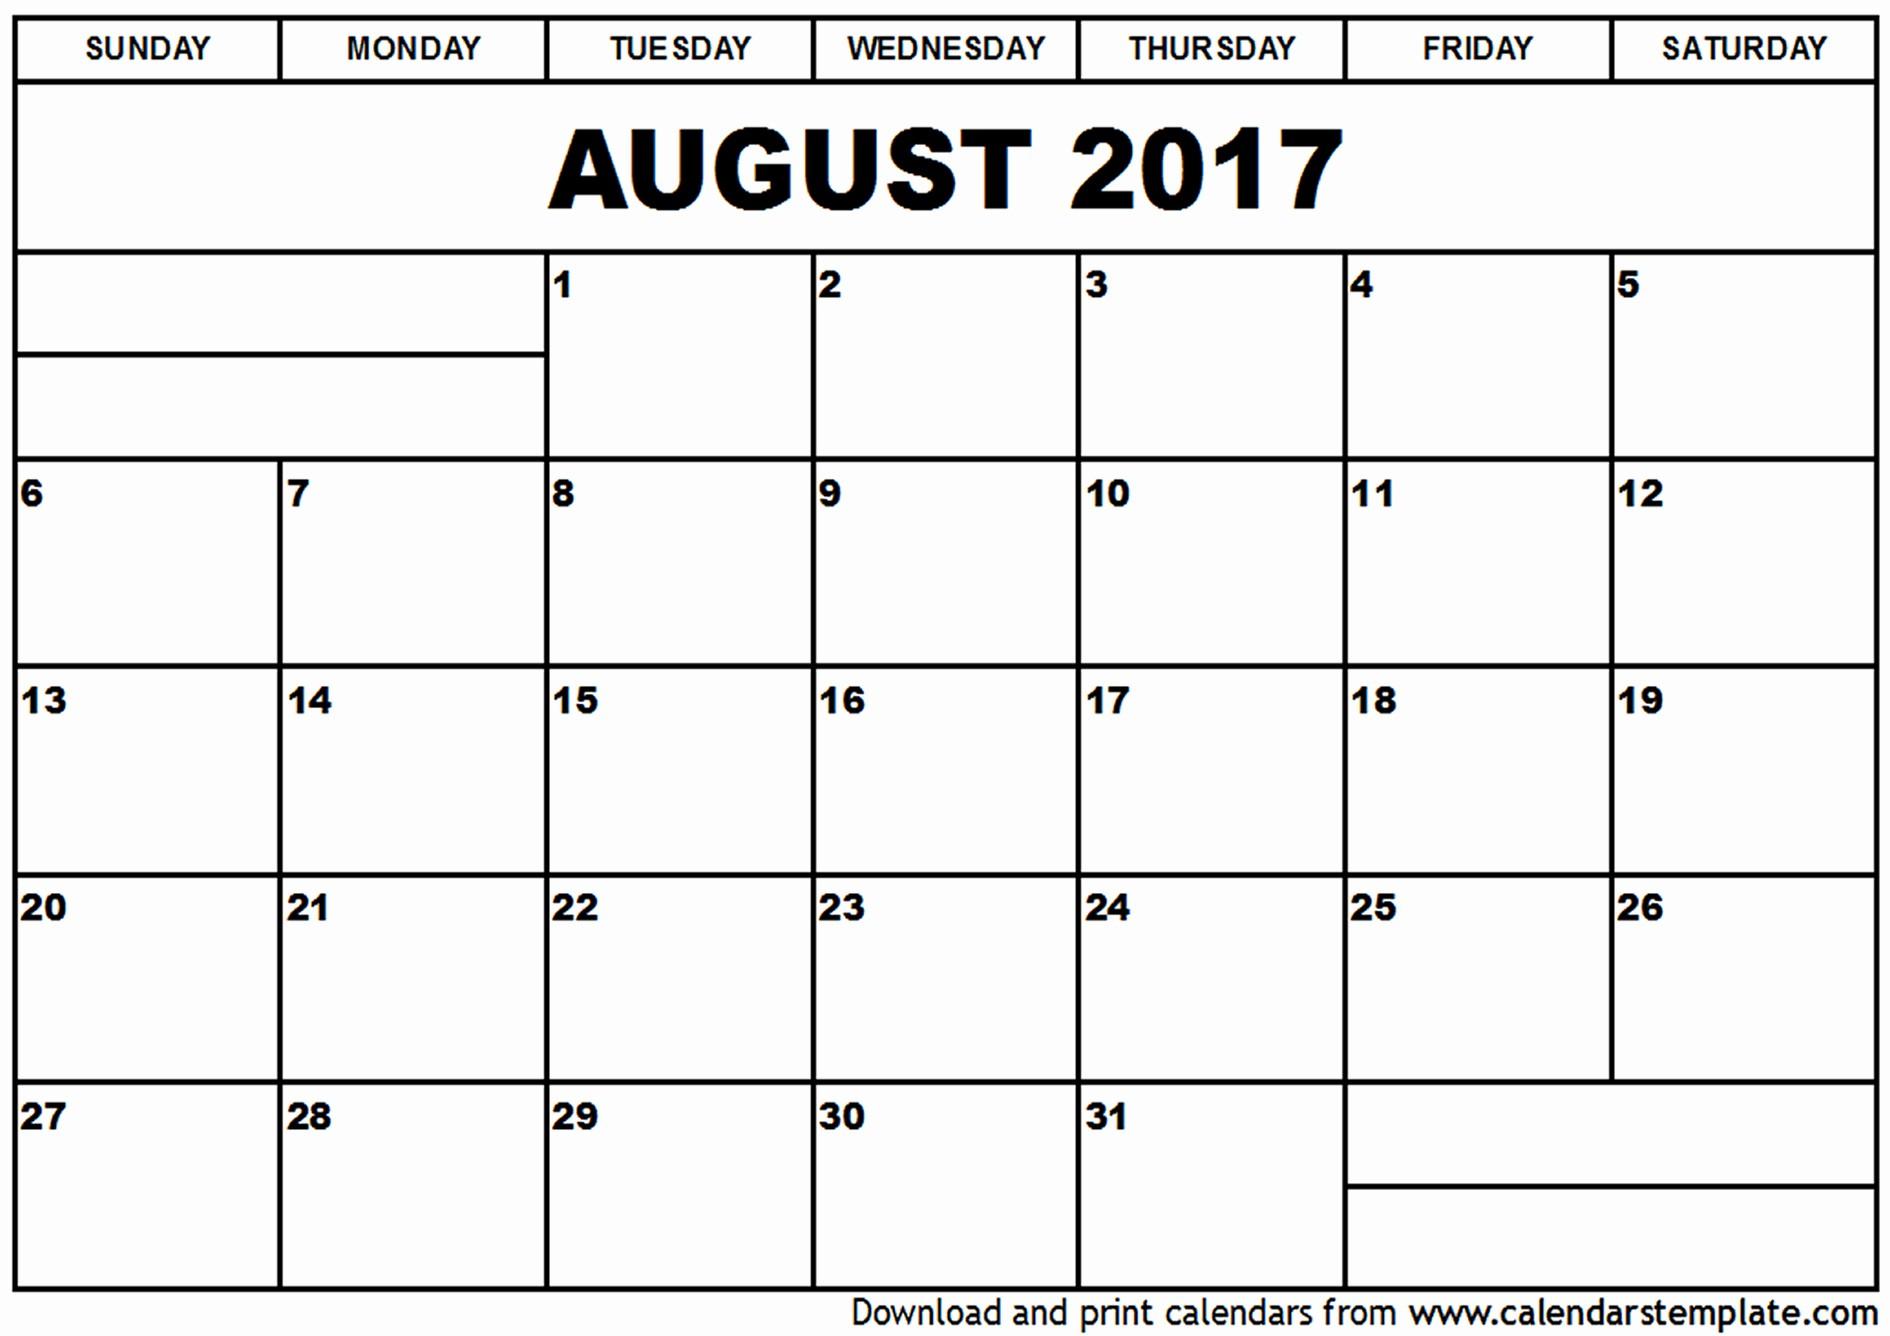 Blank Calendar Template August 2017 Inspirational August 2017 Calendar Template